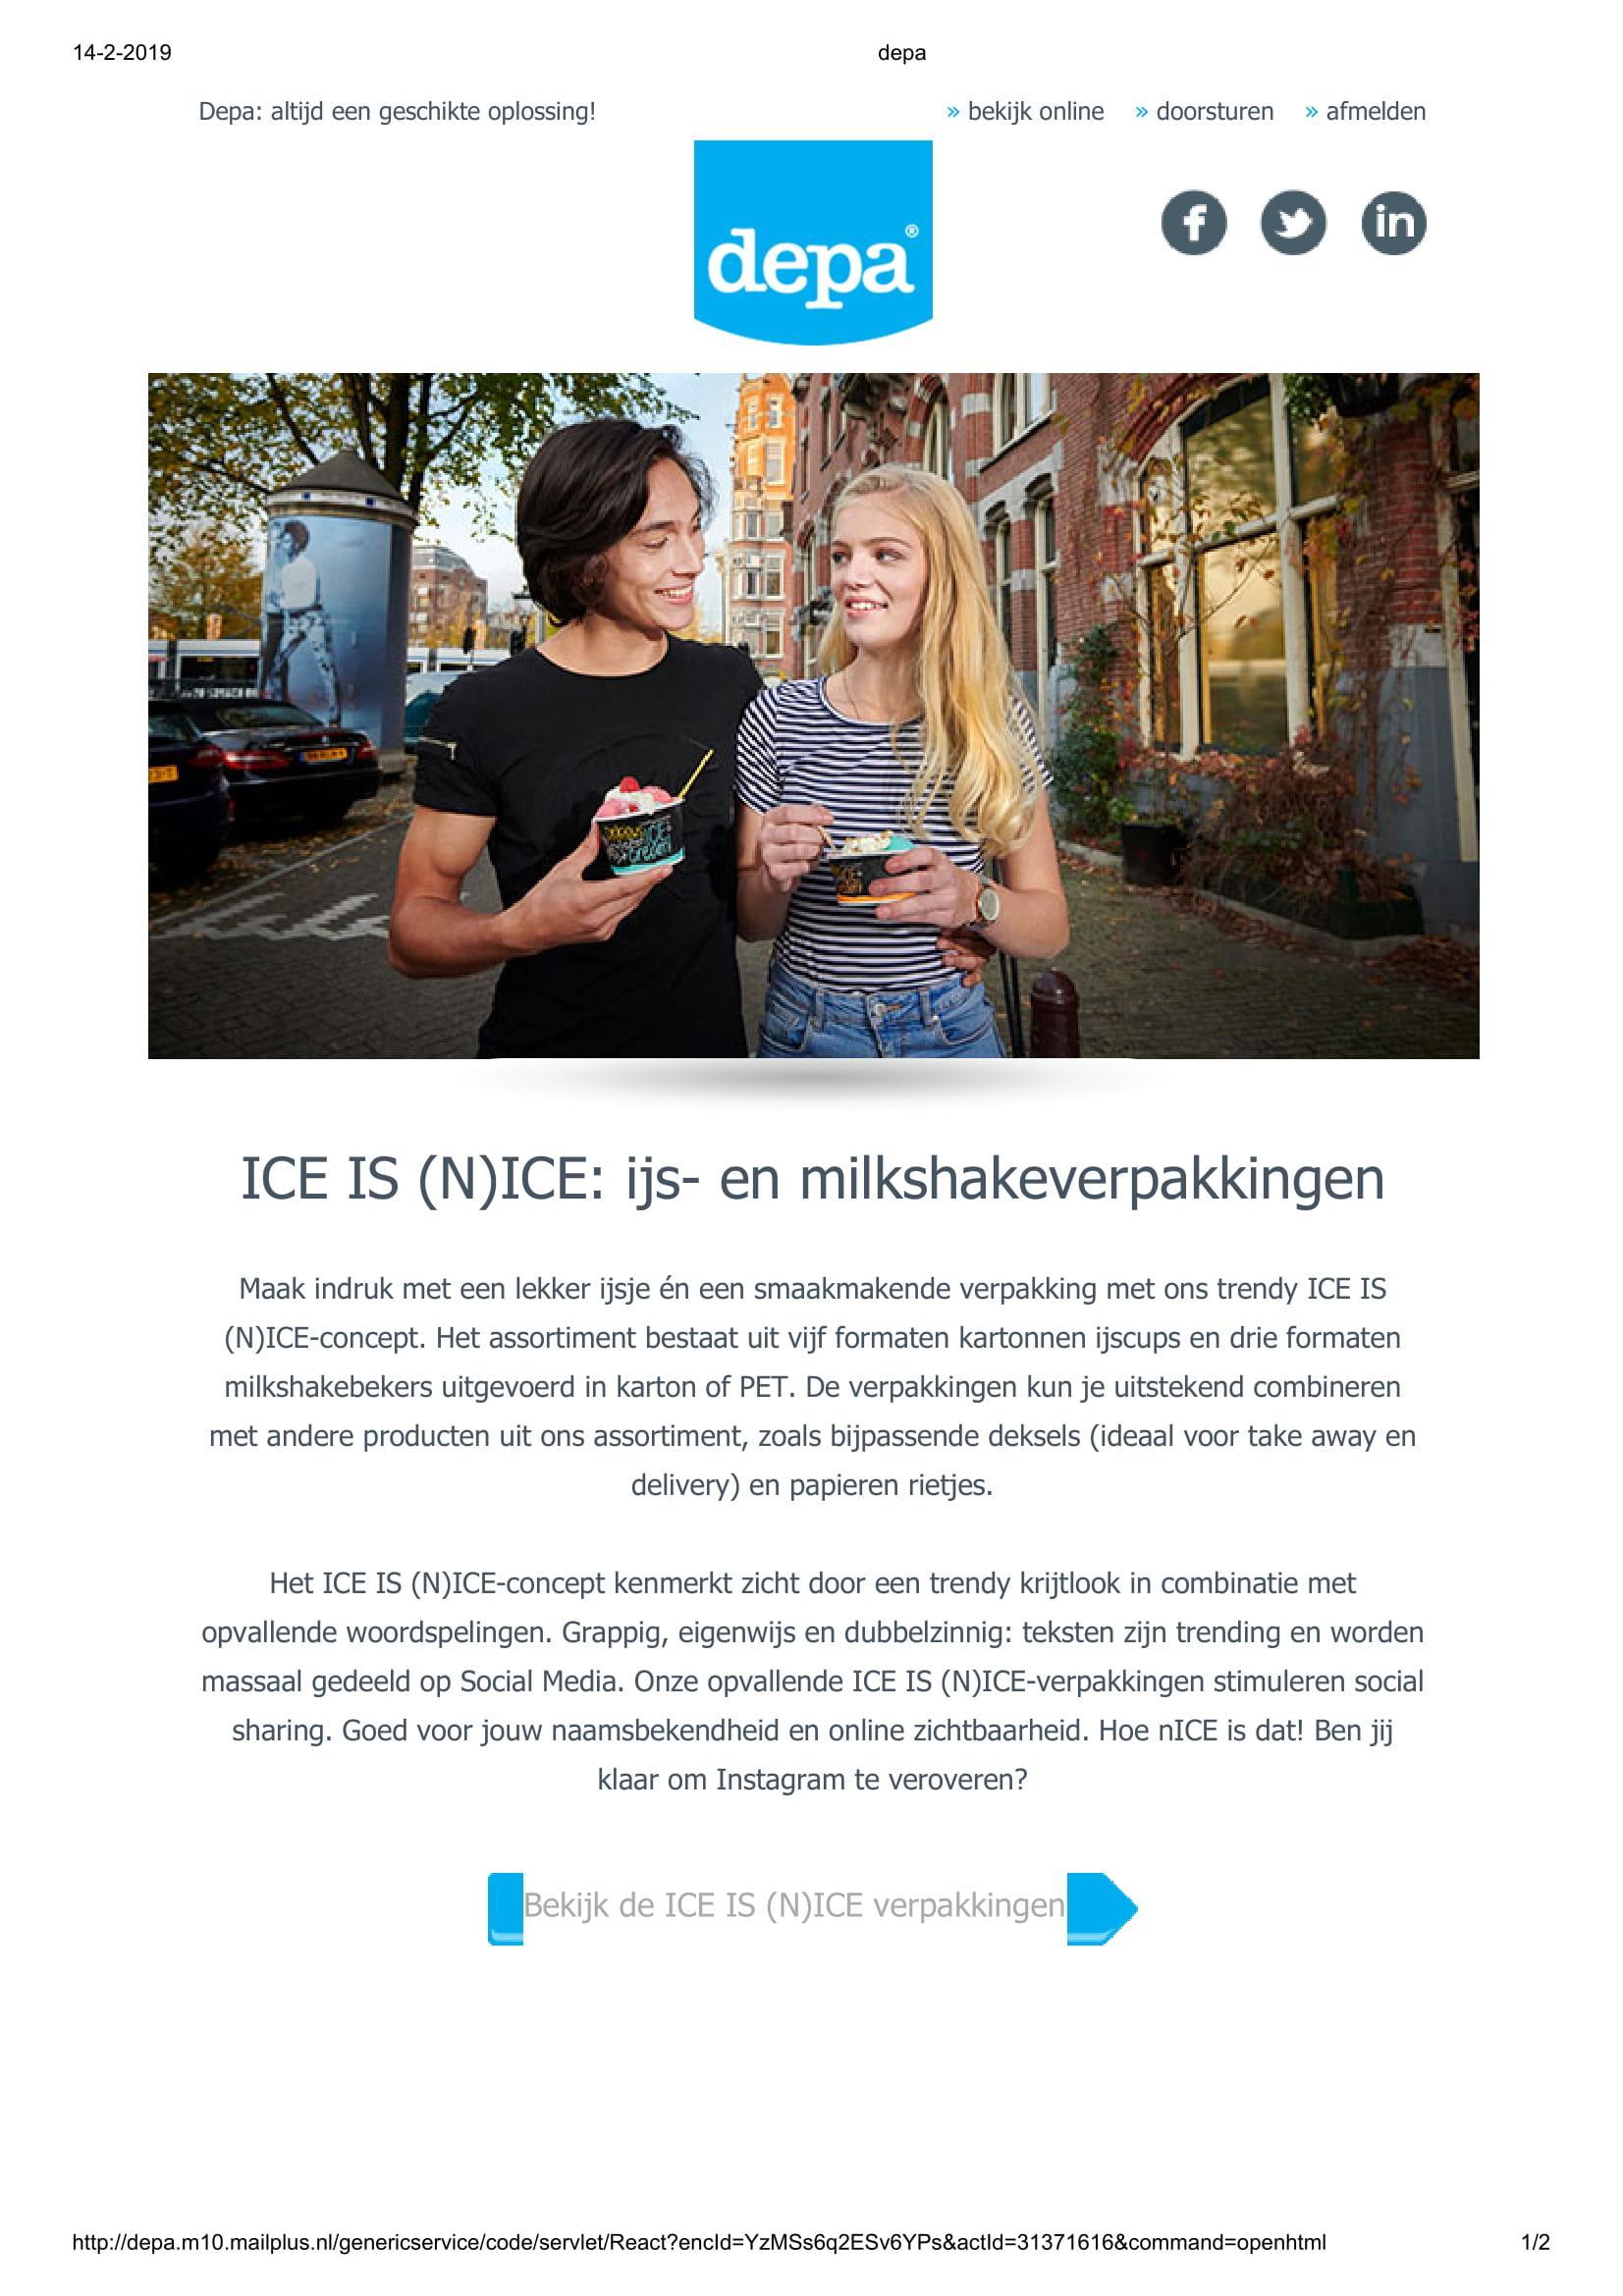 NIC ijs en milkshake verpakkingen